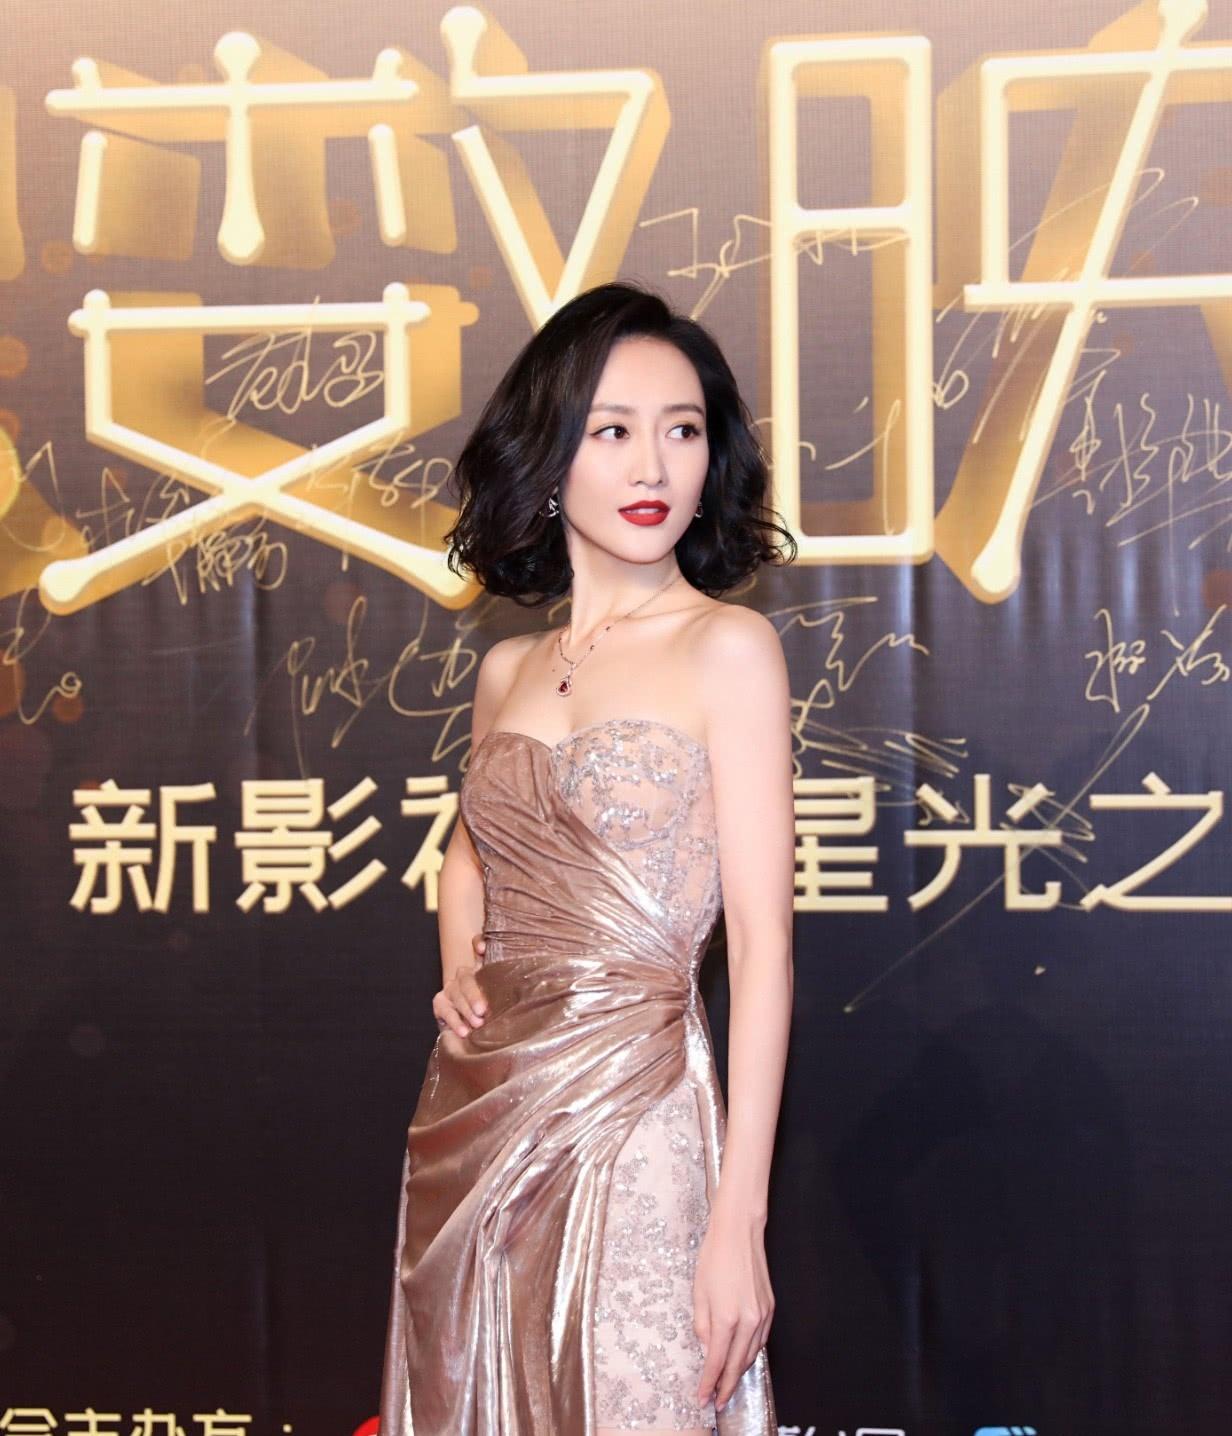 王鸥得罪造型师了着金色开衩长裙亮相,搭配发型仿佛变老十岁